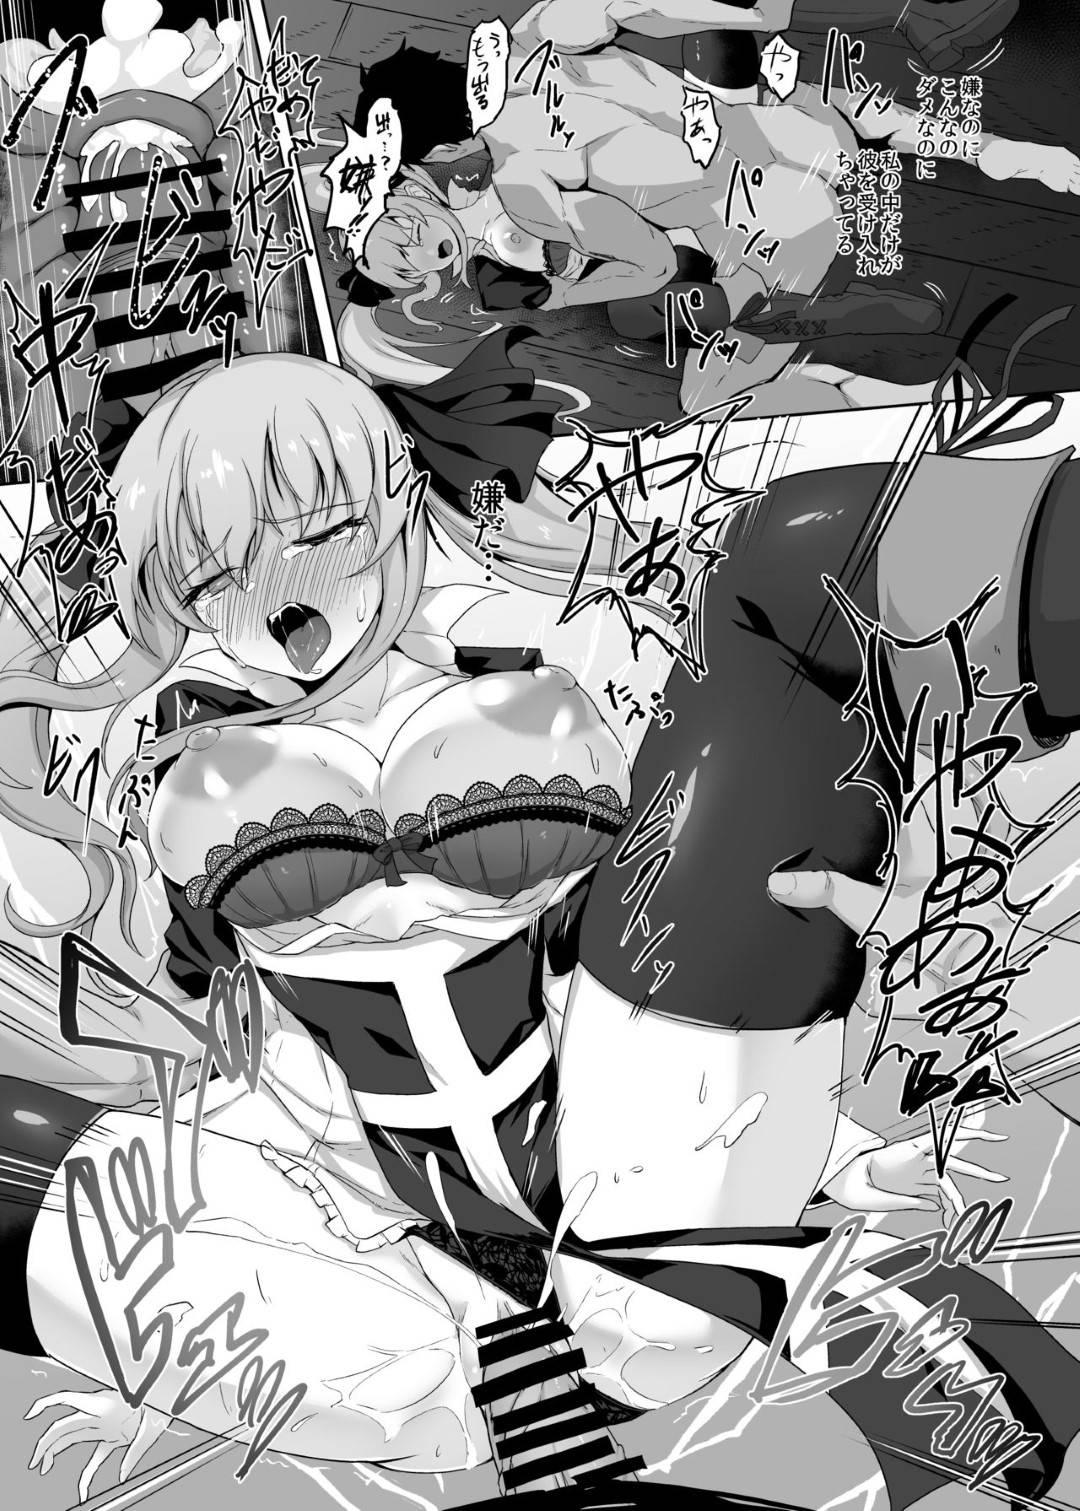 【エロ漫画】暴走した男に襲われてしまった術士のお姉さん。抵抗できないようにされてしまった彼女は男のされるがままになってしまい陵辱レイプを受ける事となる!